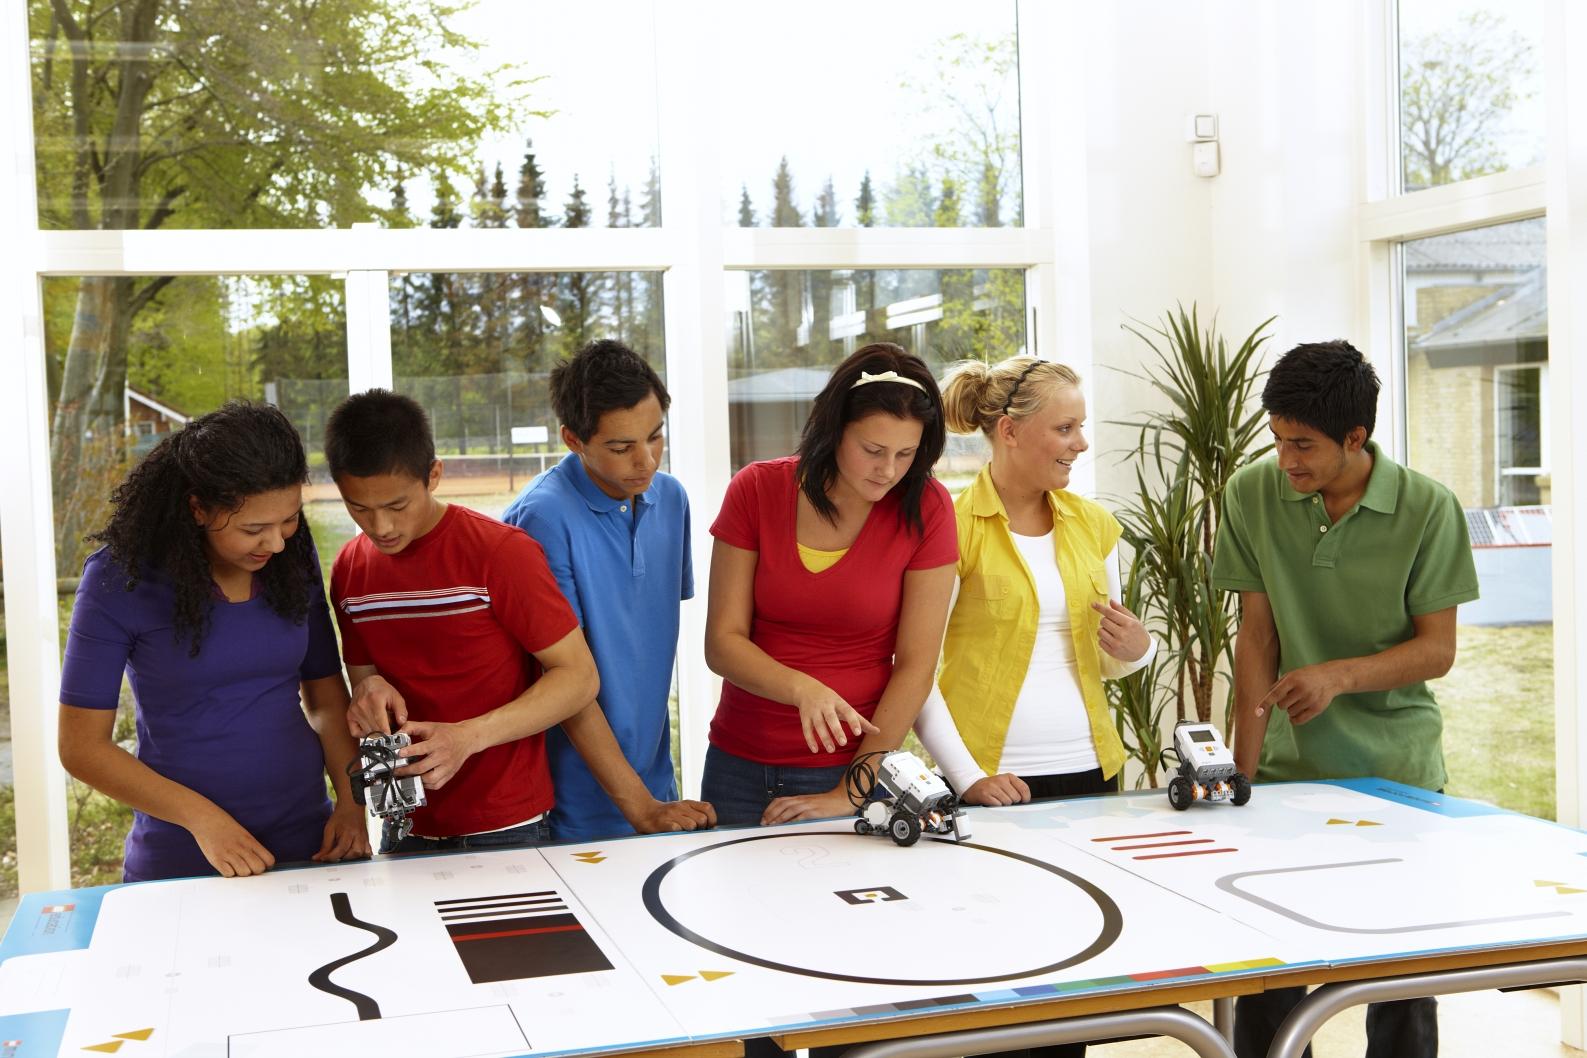 La robótica: el cambio educativo del siglo XXI